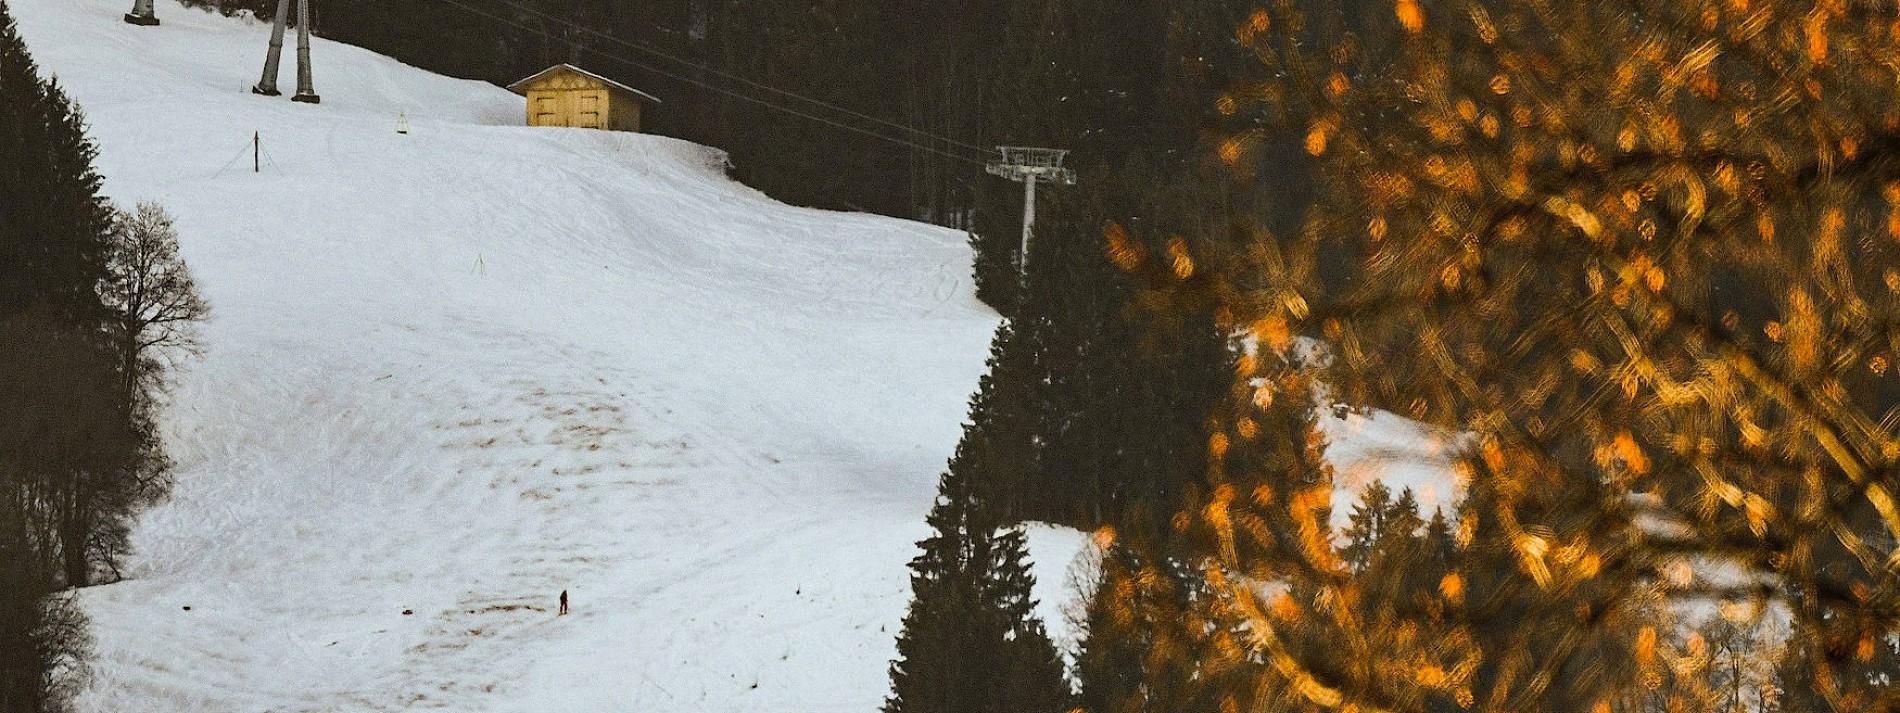 Garmisch beendet die Skisaison